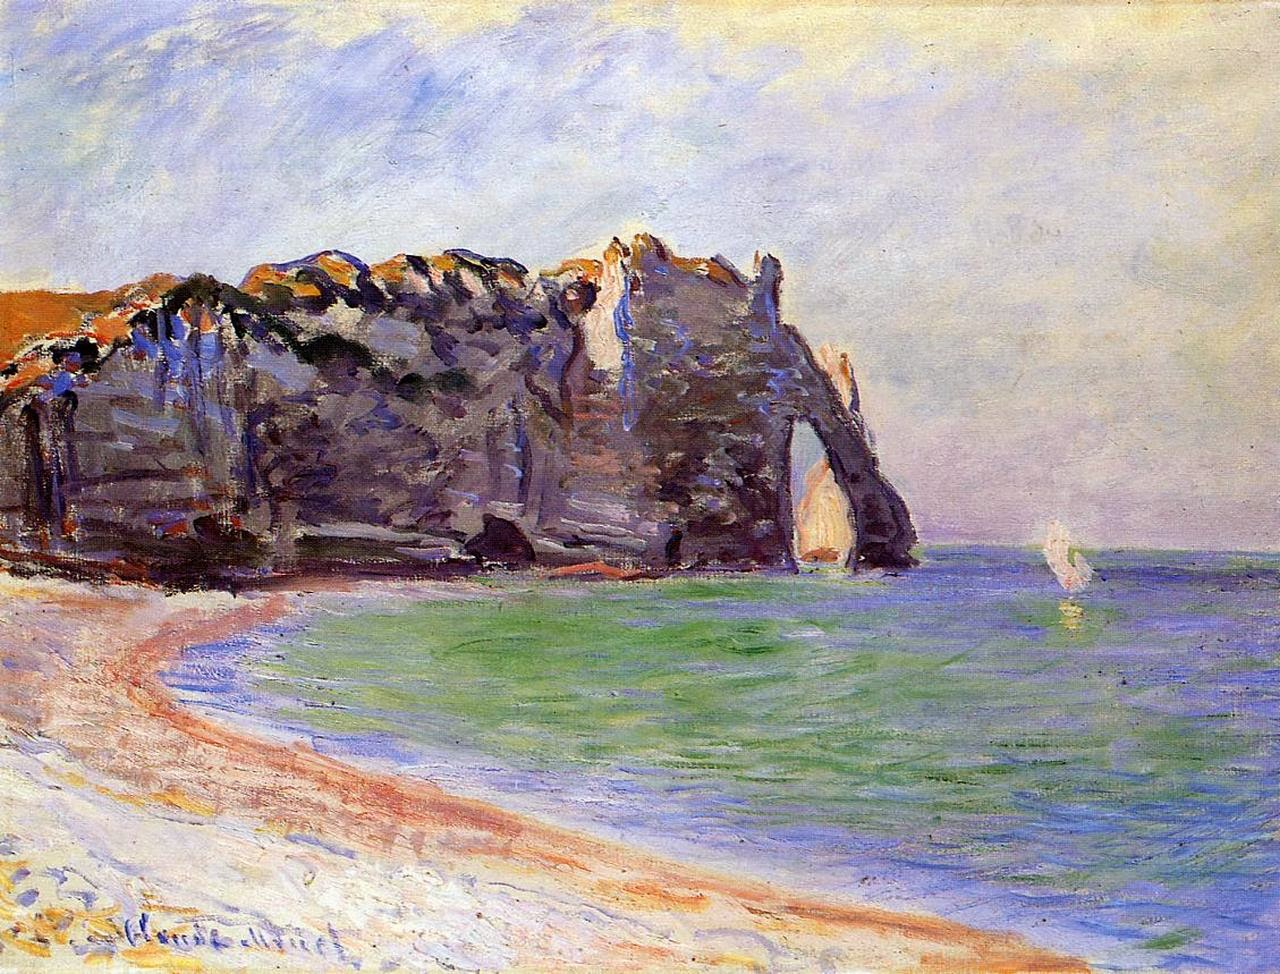 скалы и море < Этрета, порт д'Аваль >:: Клод Моне, описание картины - Моне Клод (Claude Monet) фото